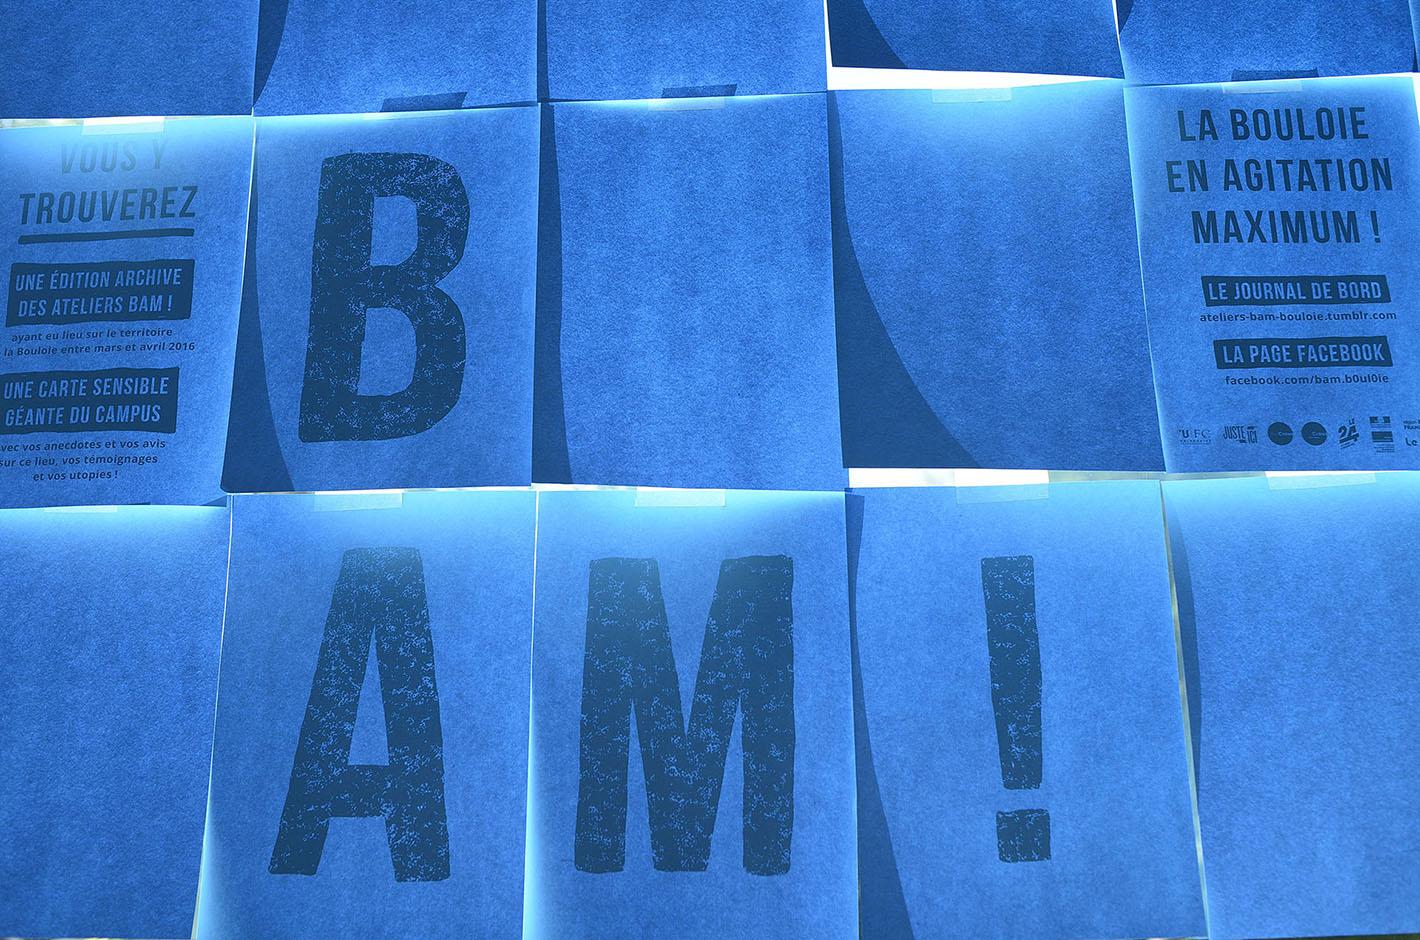 BAM ! — La Bouloie en agitation maximum — campus de Besançon — Université Franche-comté